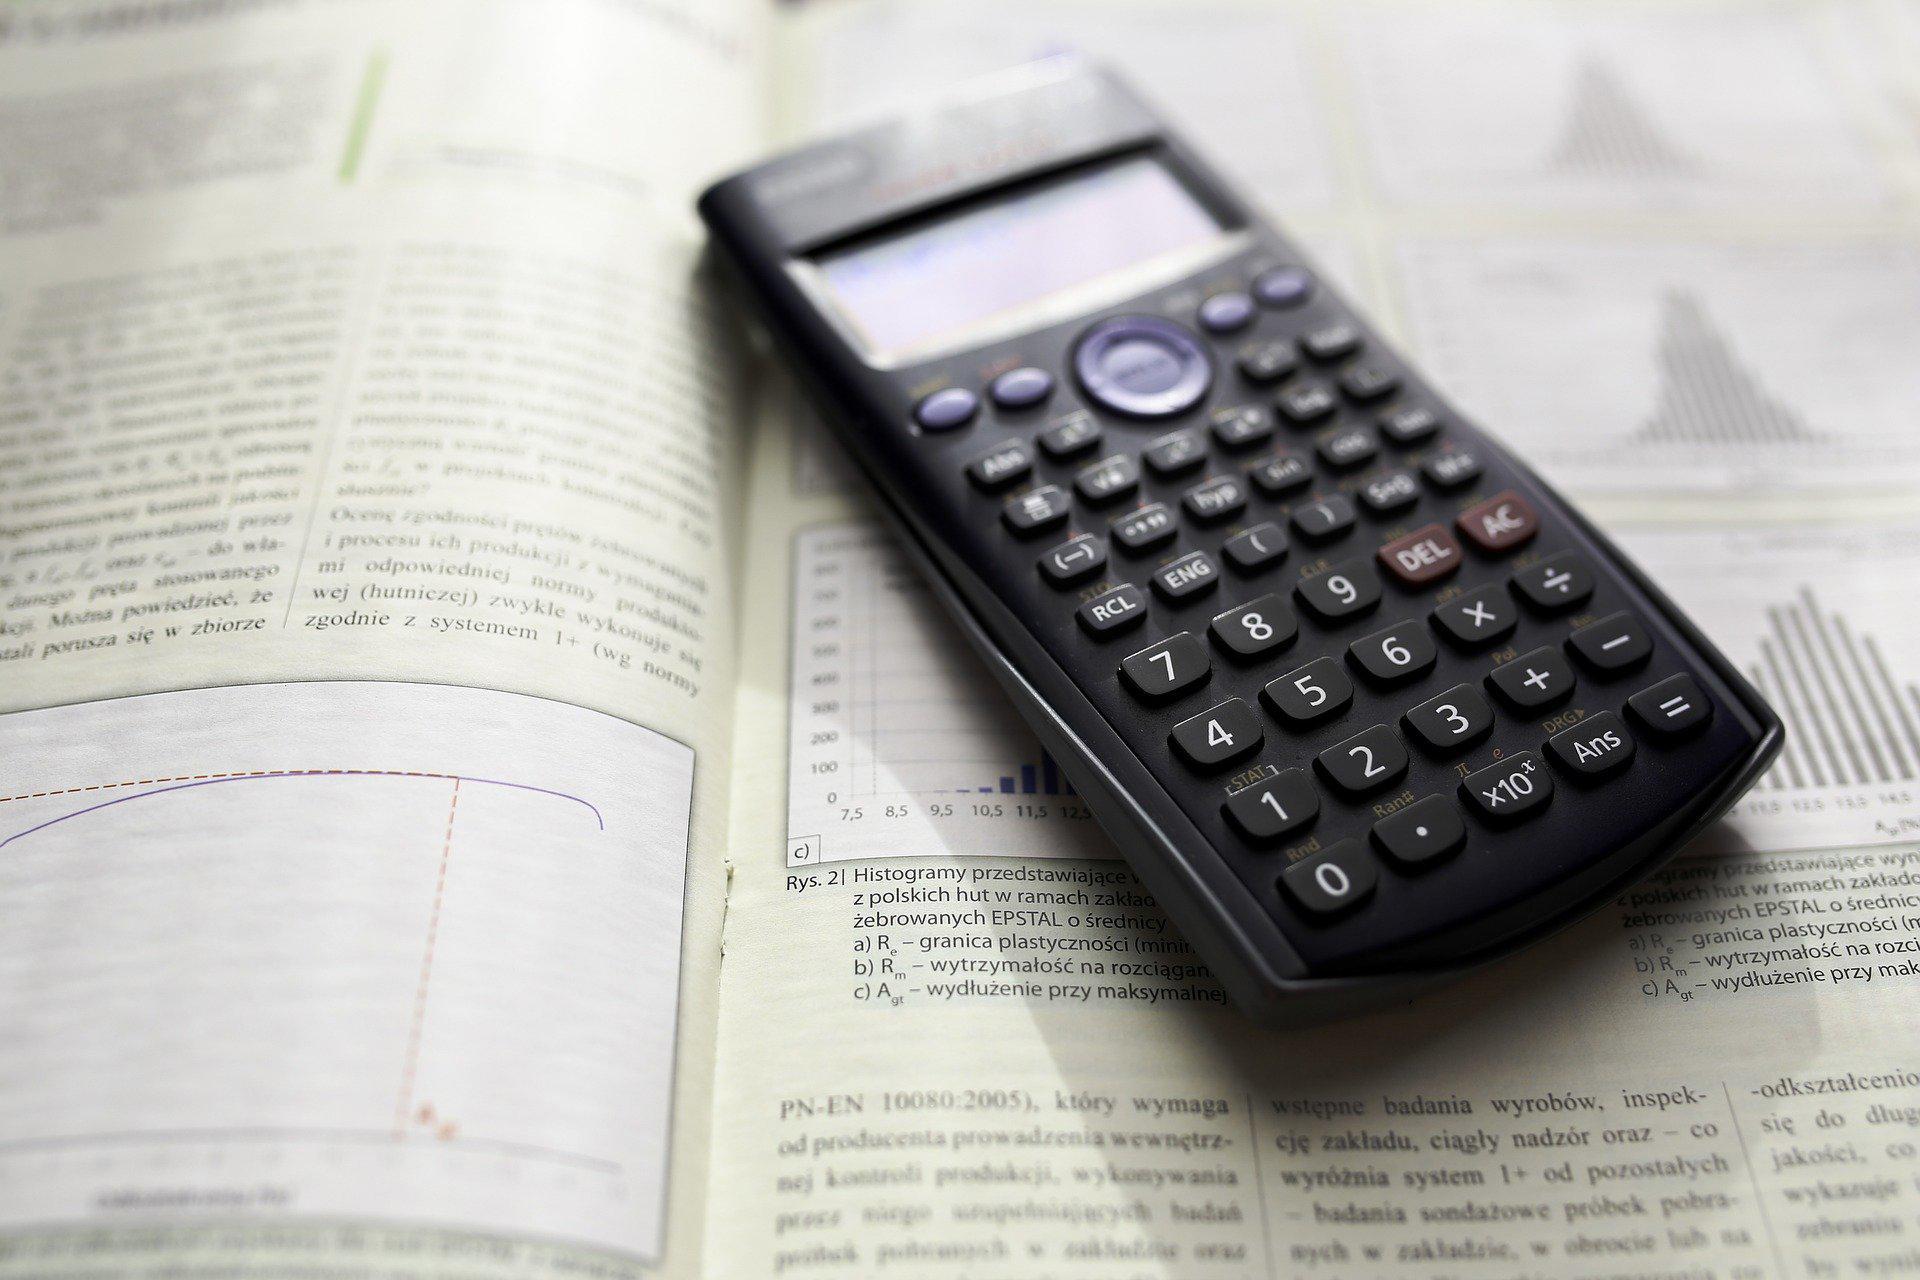 Os primeiros classificados serão contemplados com kits da EMGE, calculadora científica, Kindle e kits youtuber